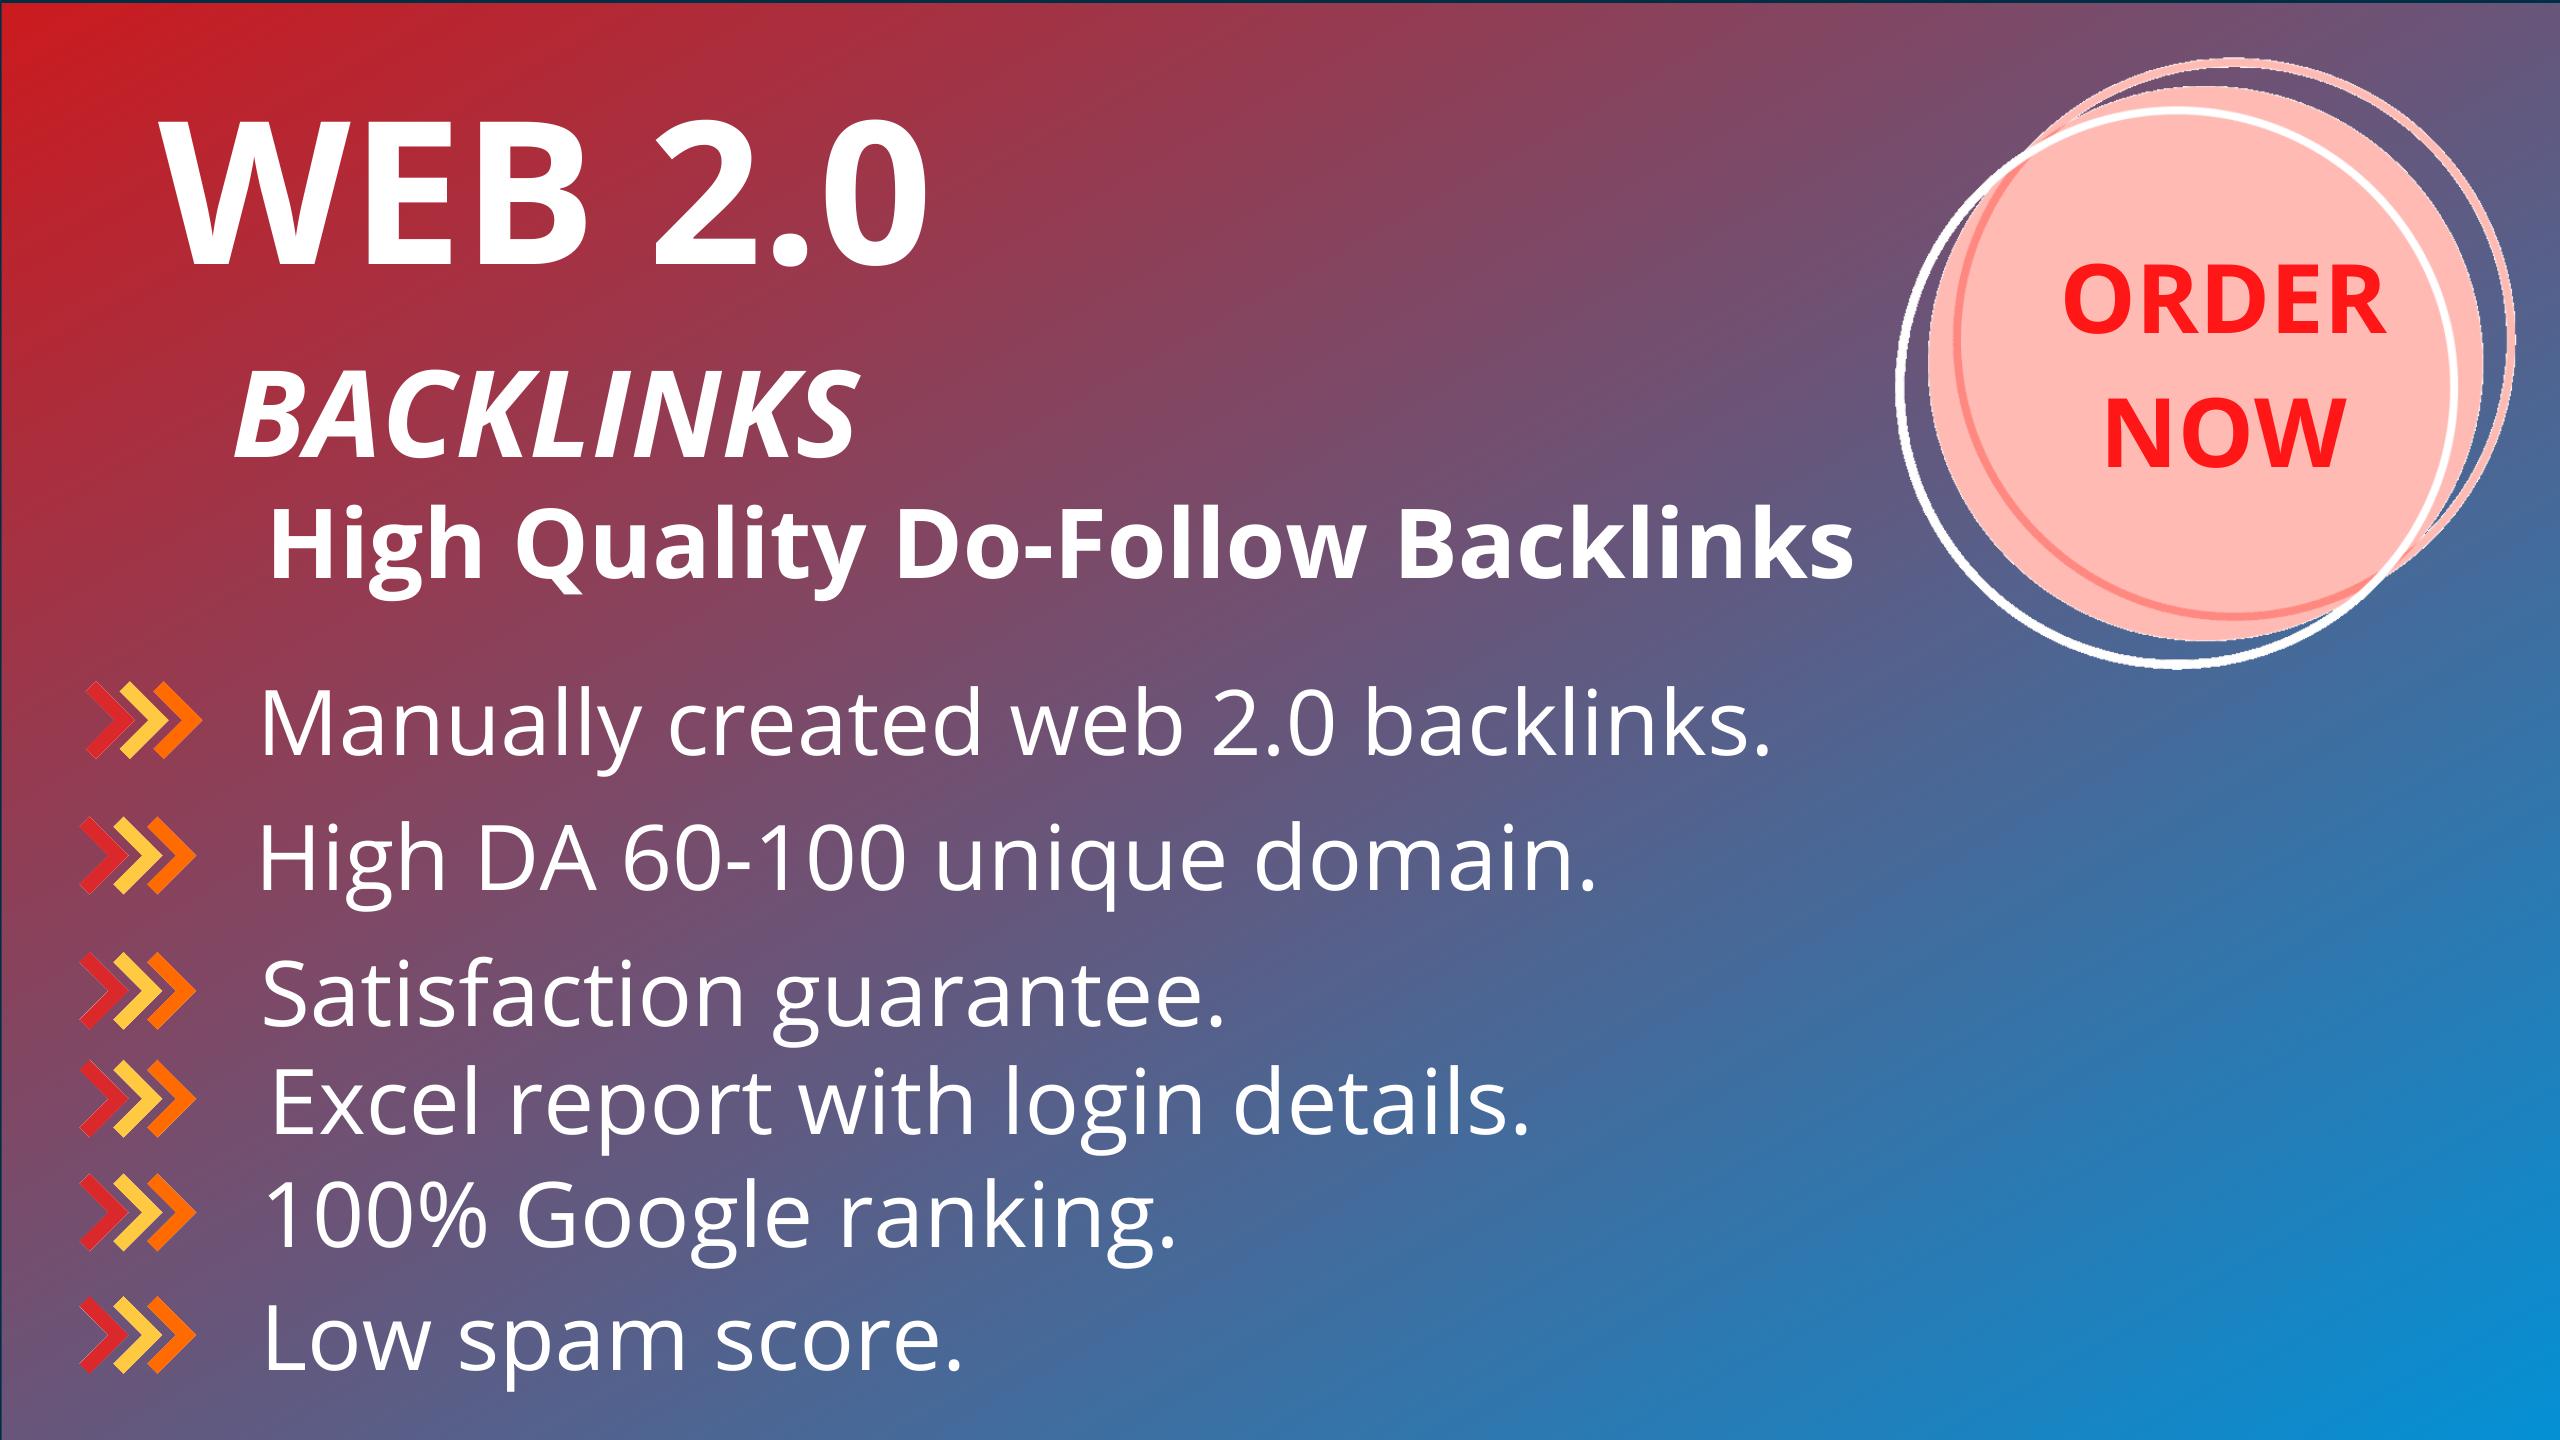 Create do-follow 50 high authority web 2.0 backlinks manually